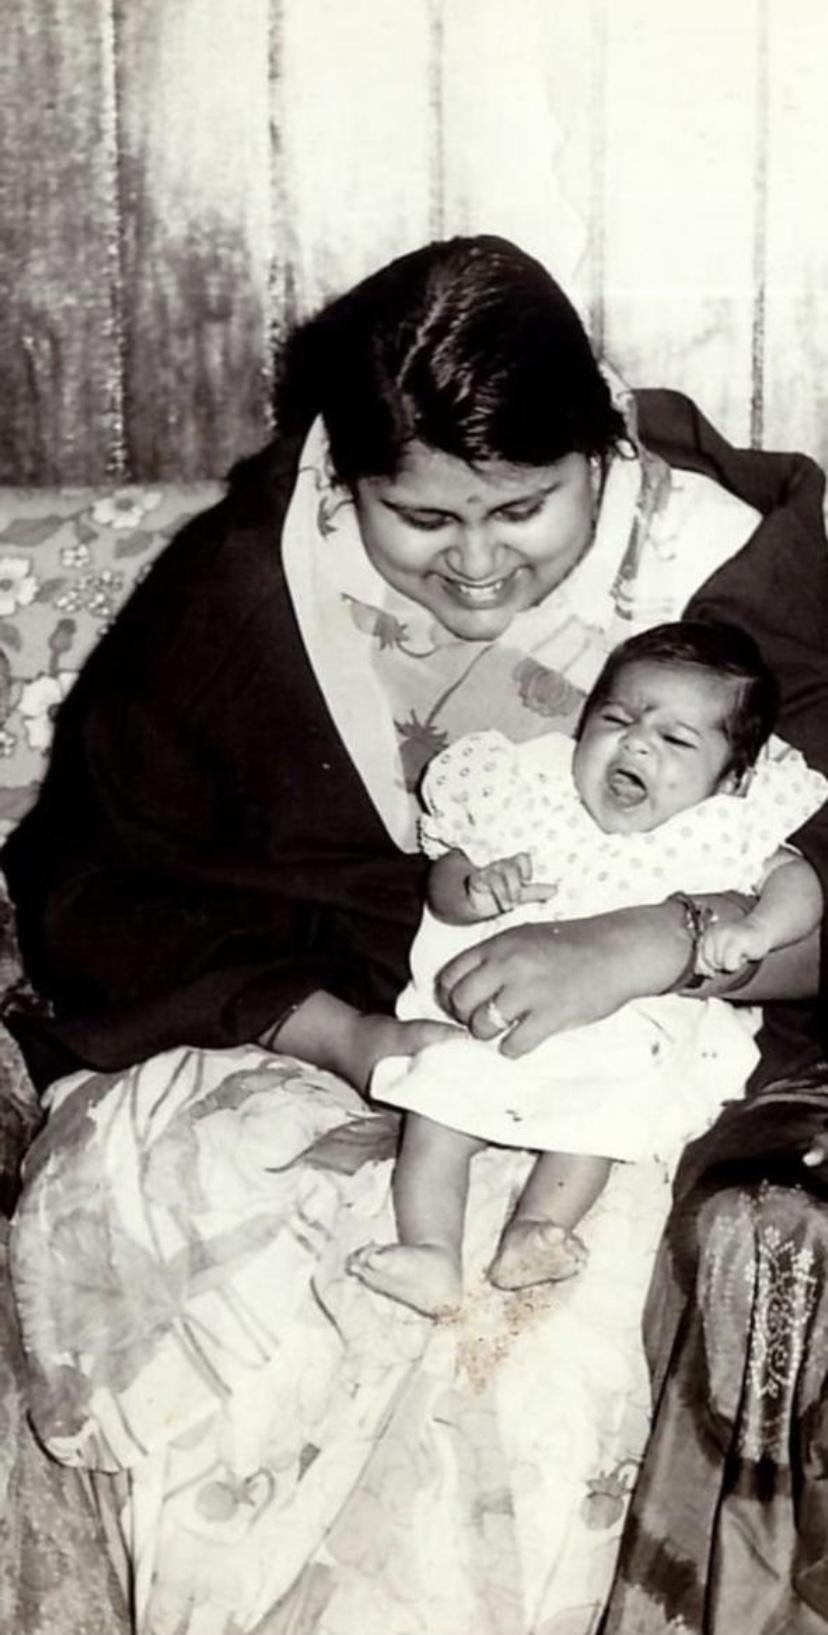 Diary of Daughter of Maha Rajkumari Meenakshi Deviavaru